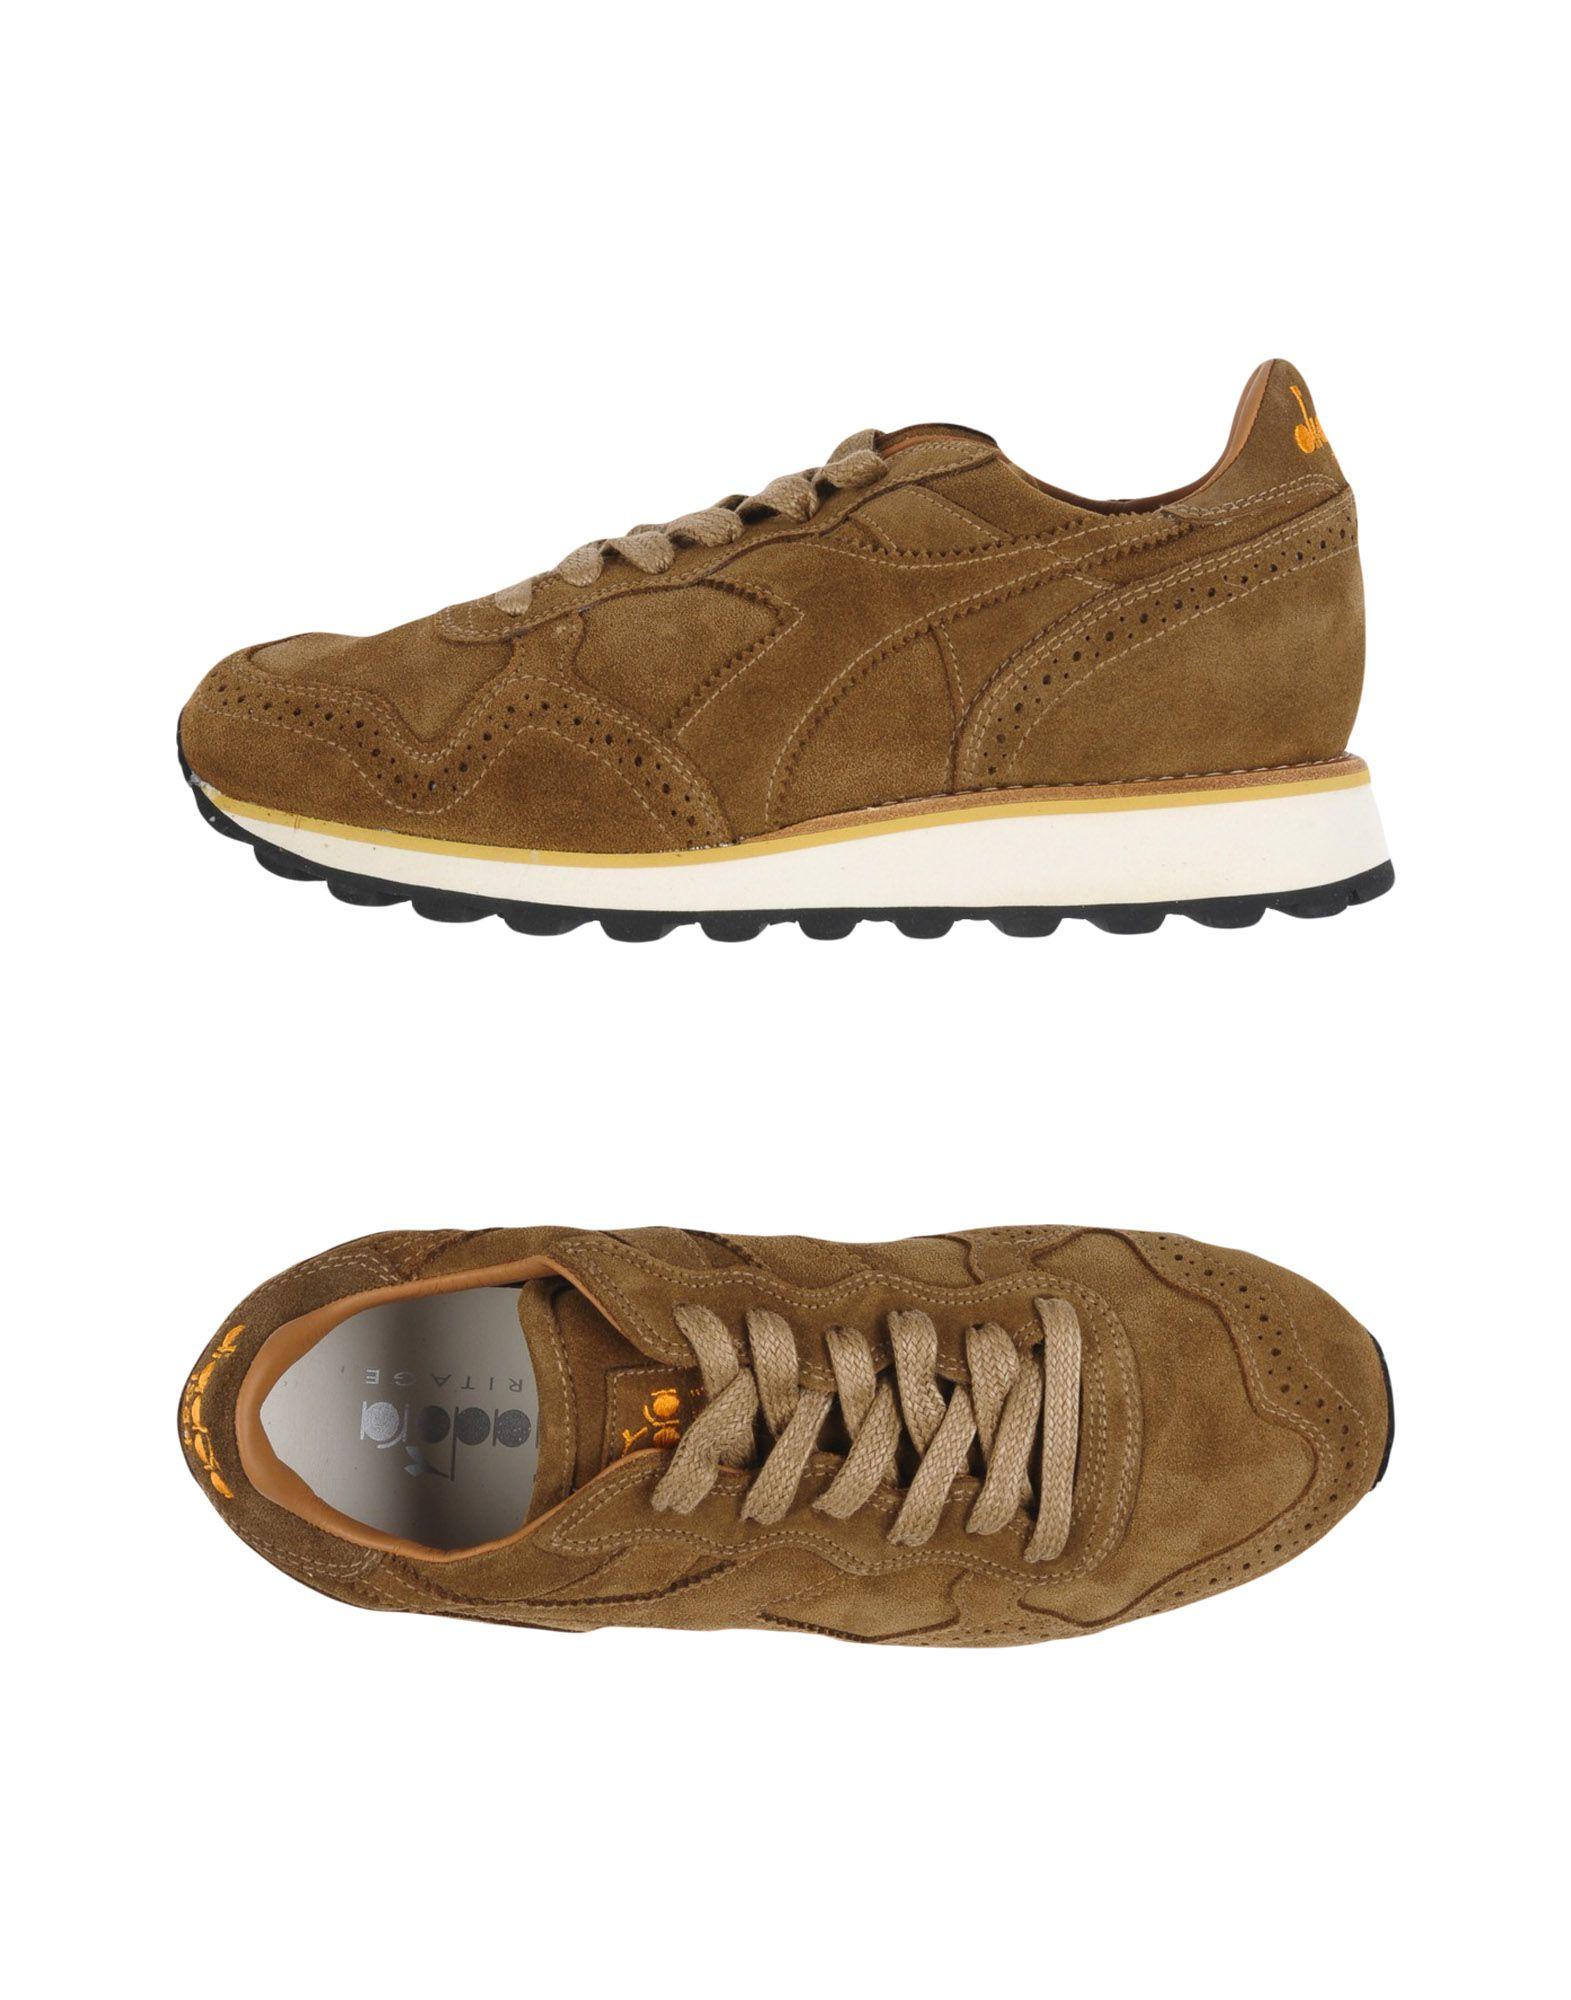 Diadora Herren Heritage Sneakers Herren Diadora  11228813GL 2b6e83